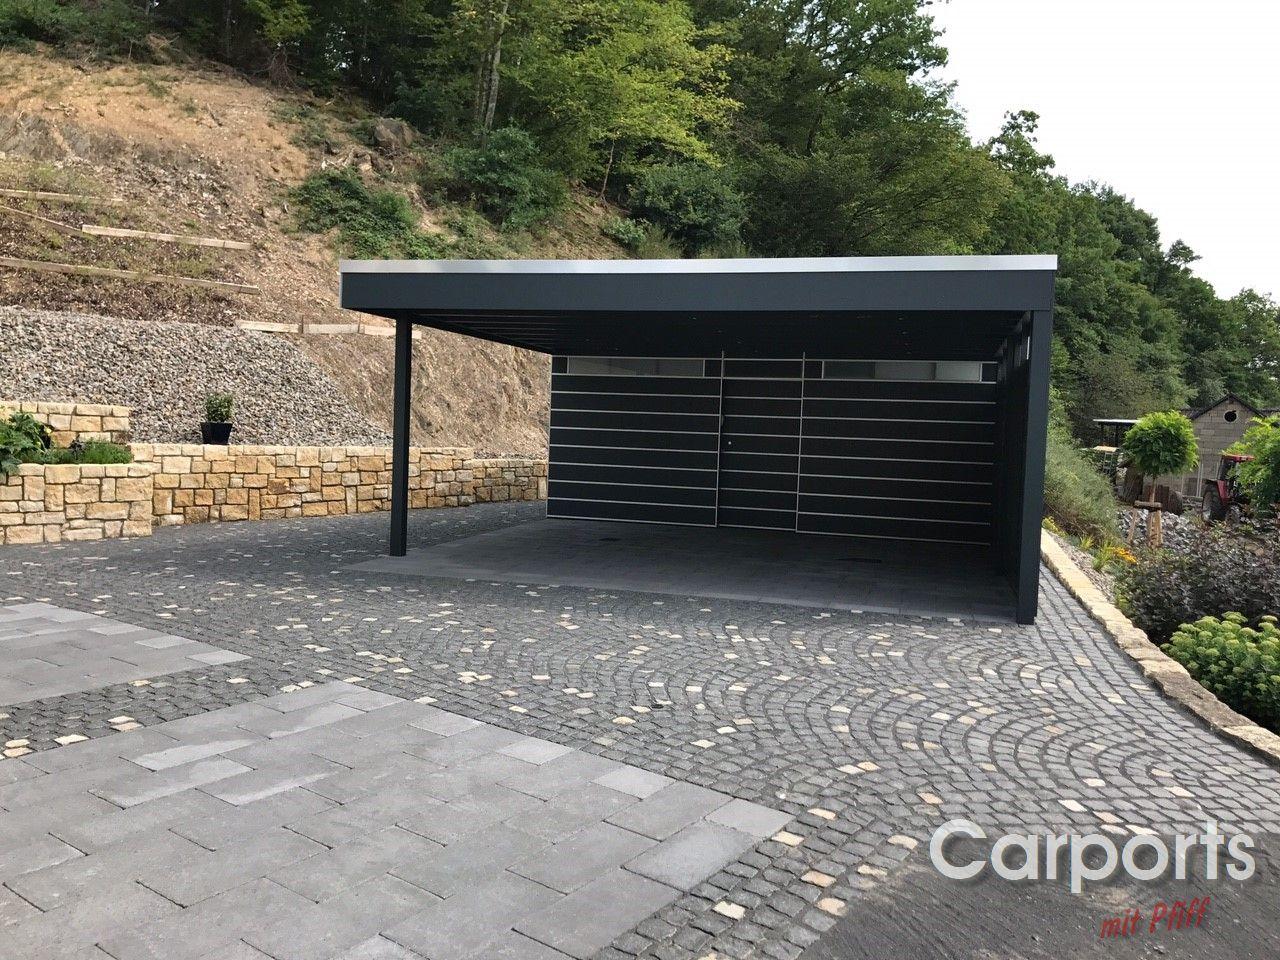 carport bauhaus hpl mit abstellraum und verkleideter seitenwand carports mit pfiff. Black Bedroom Furniture Sets. Home Design Ideas